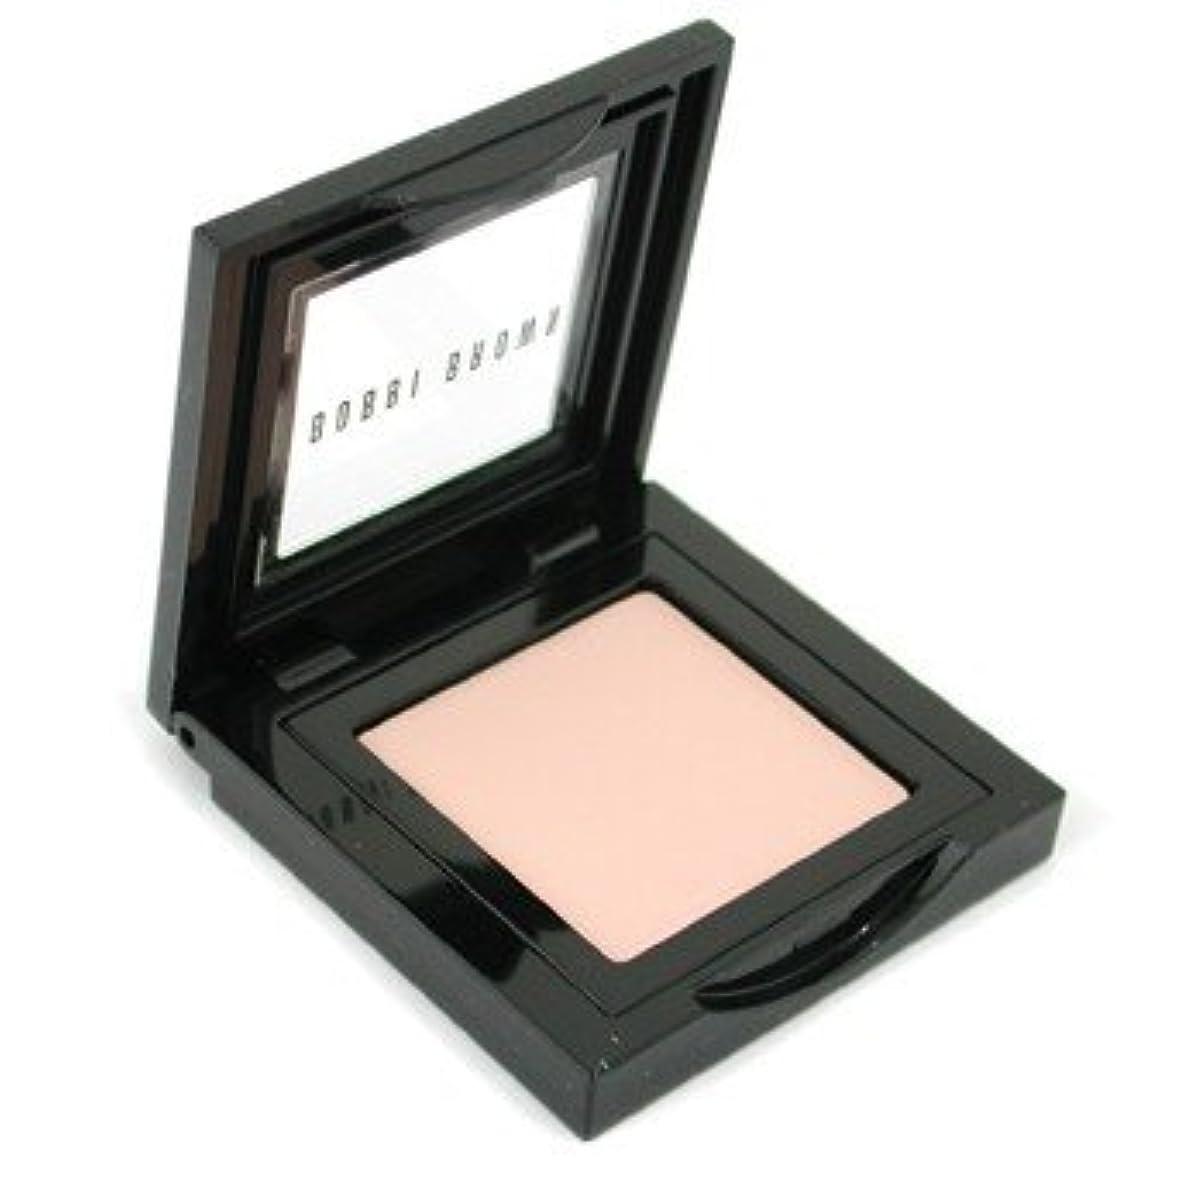 オーナメント内なるディスパッチ[Bobbi Brown] Eye Shadow - #17 Shell (New Packaging) 2.5g/0.08oz